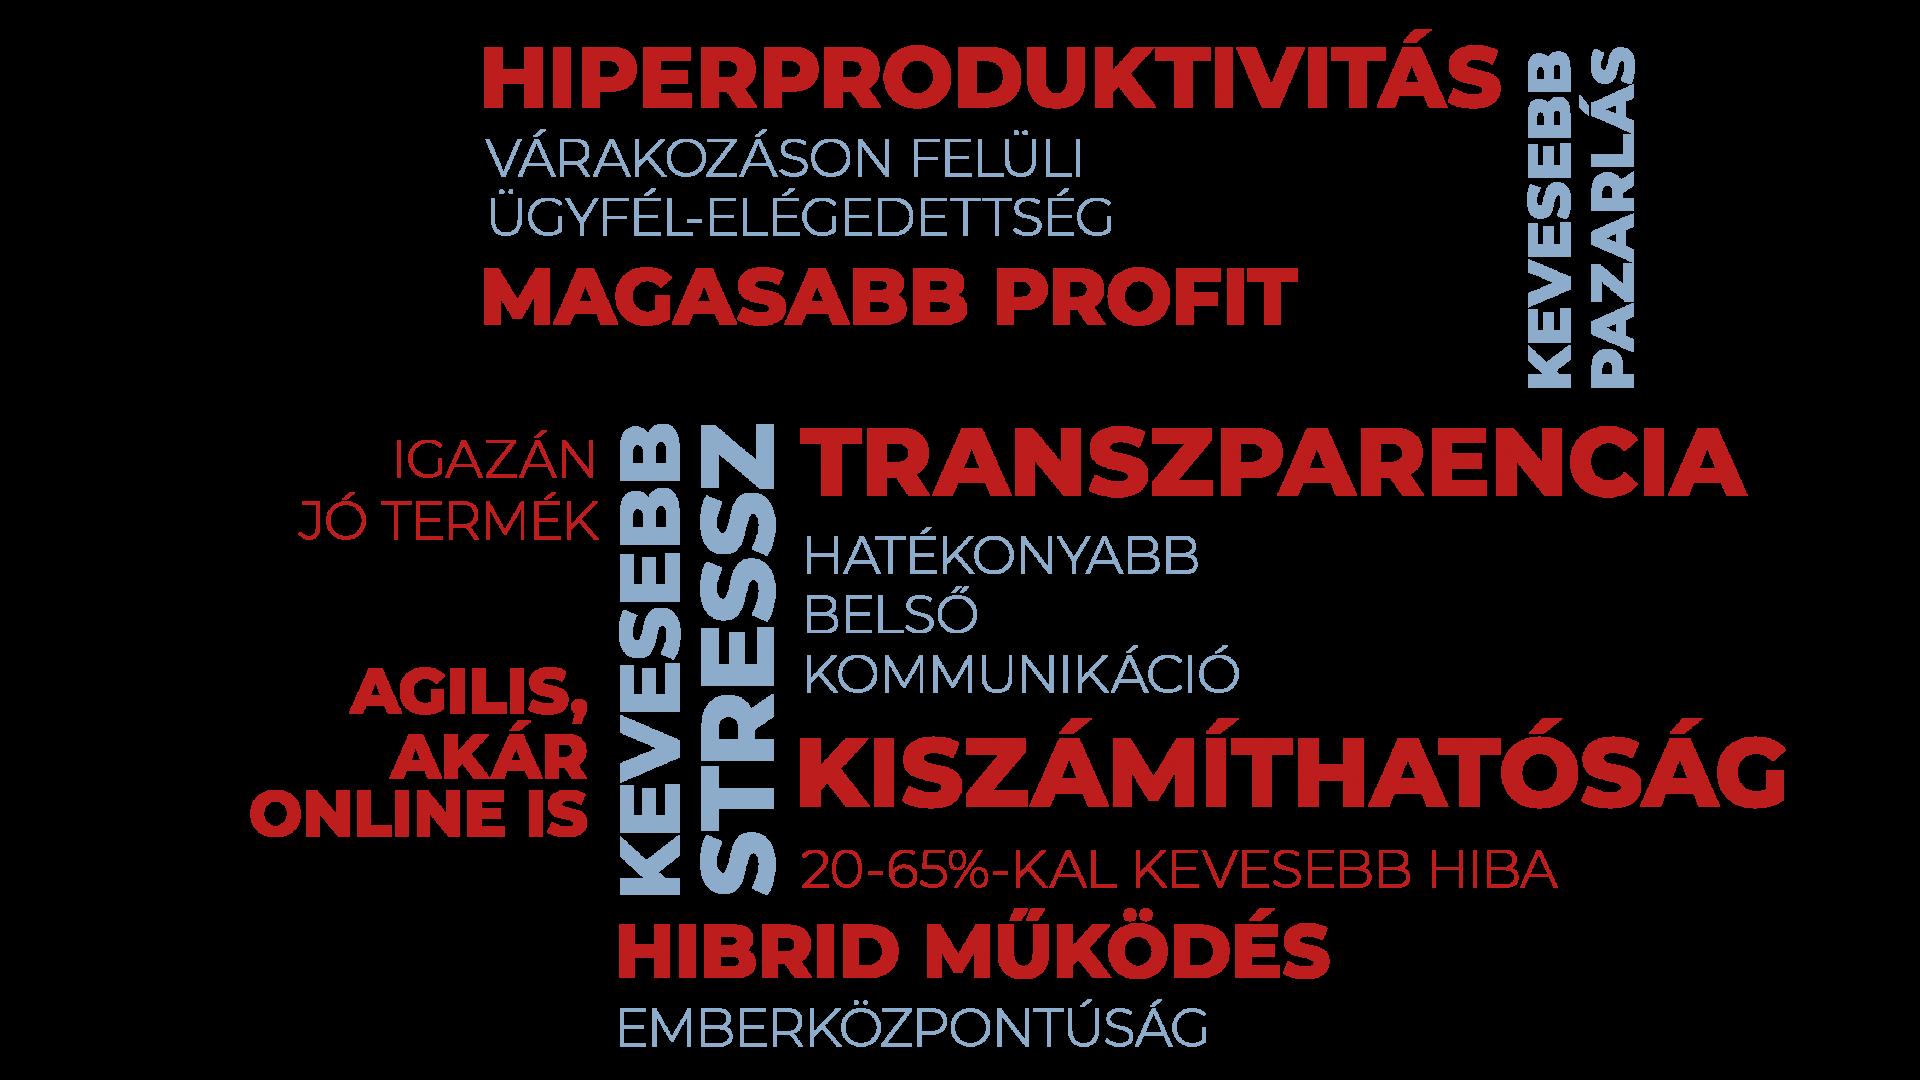 Szófelhő, amely az agilishoz kapcsolódó előnyöket mutatja be: online is, hibrid működés, költségcsökkentés, transzparencia, kiszámíthatóság.